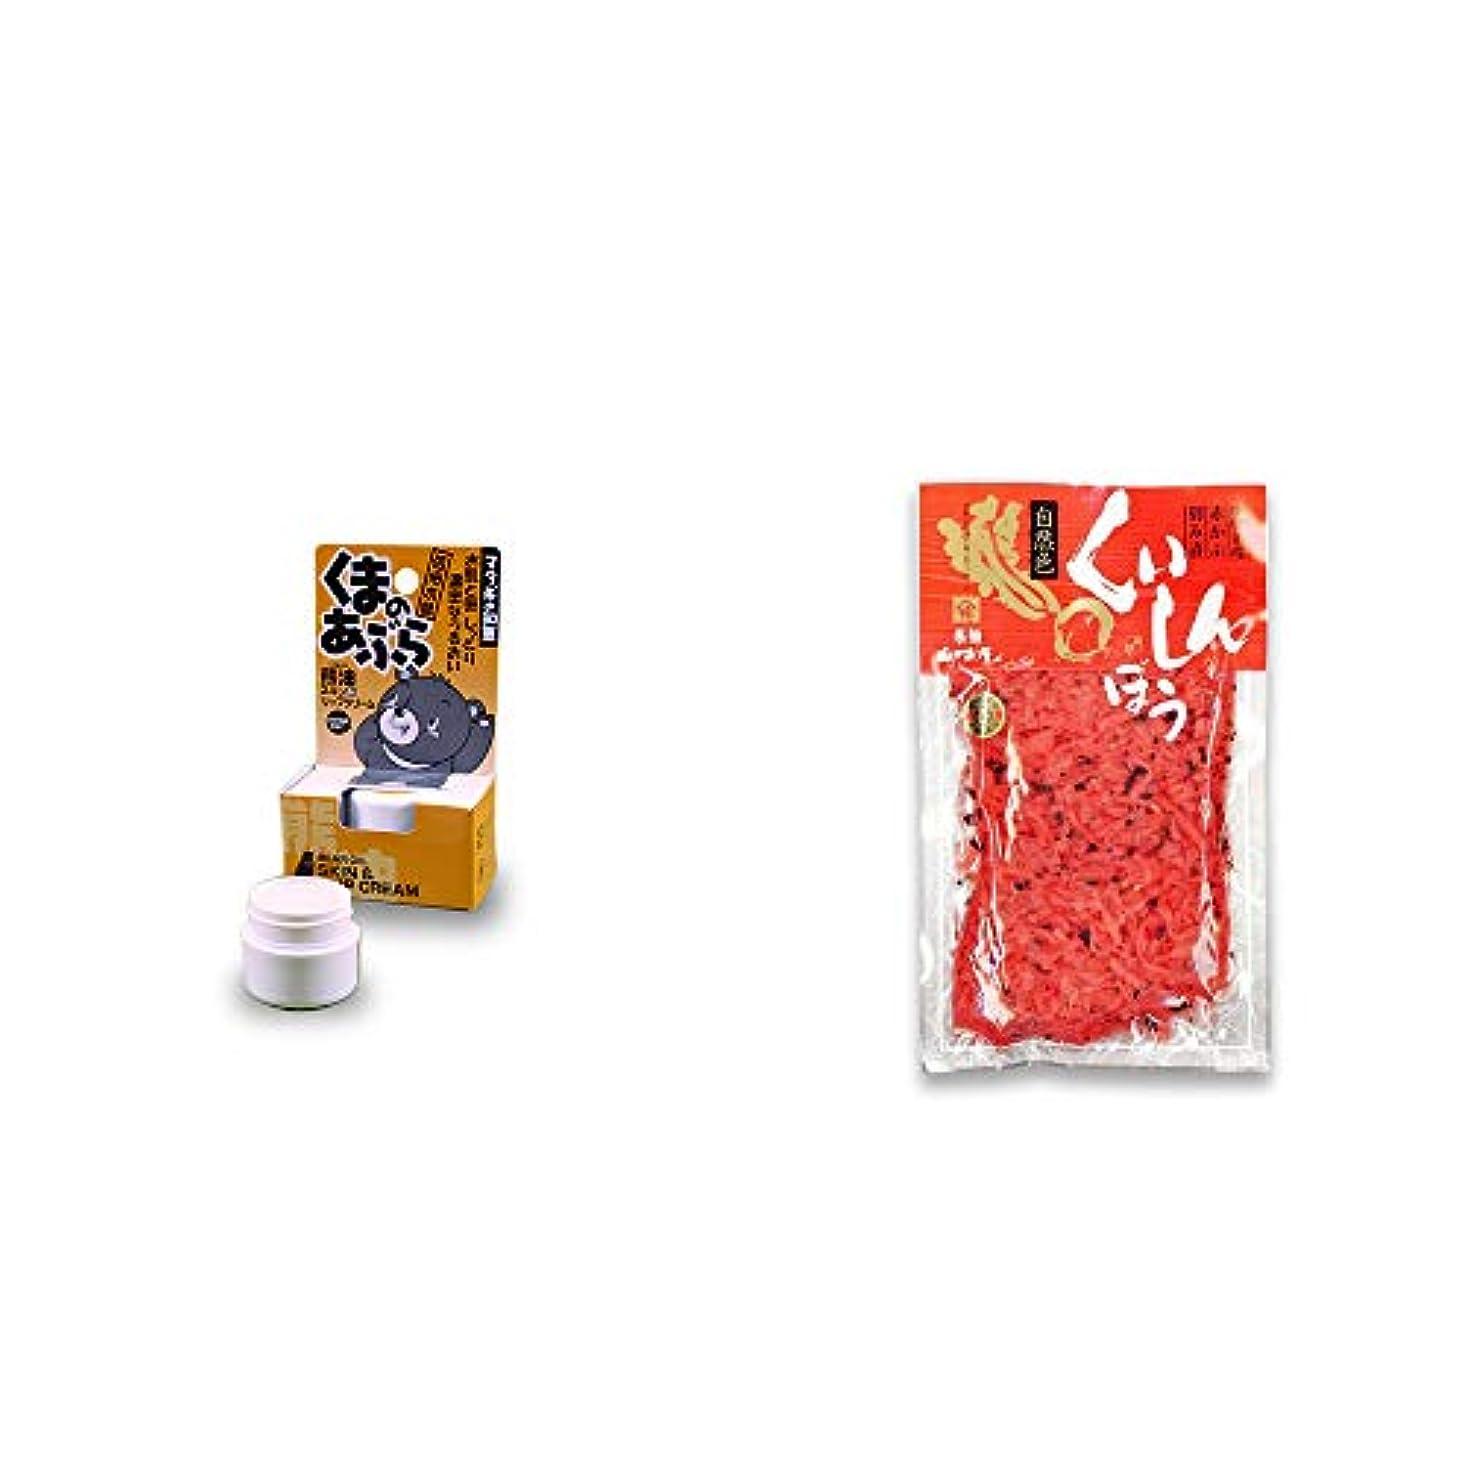 手紙を書く罰する平和的[2点セット] 信州木曽 くまのあぶら 熊油スキン&リップクリーム(9g)?飛騨山味屋 くいしんぼう【大】(260g) [赤かぶ刻み漬け]